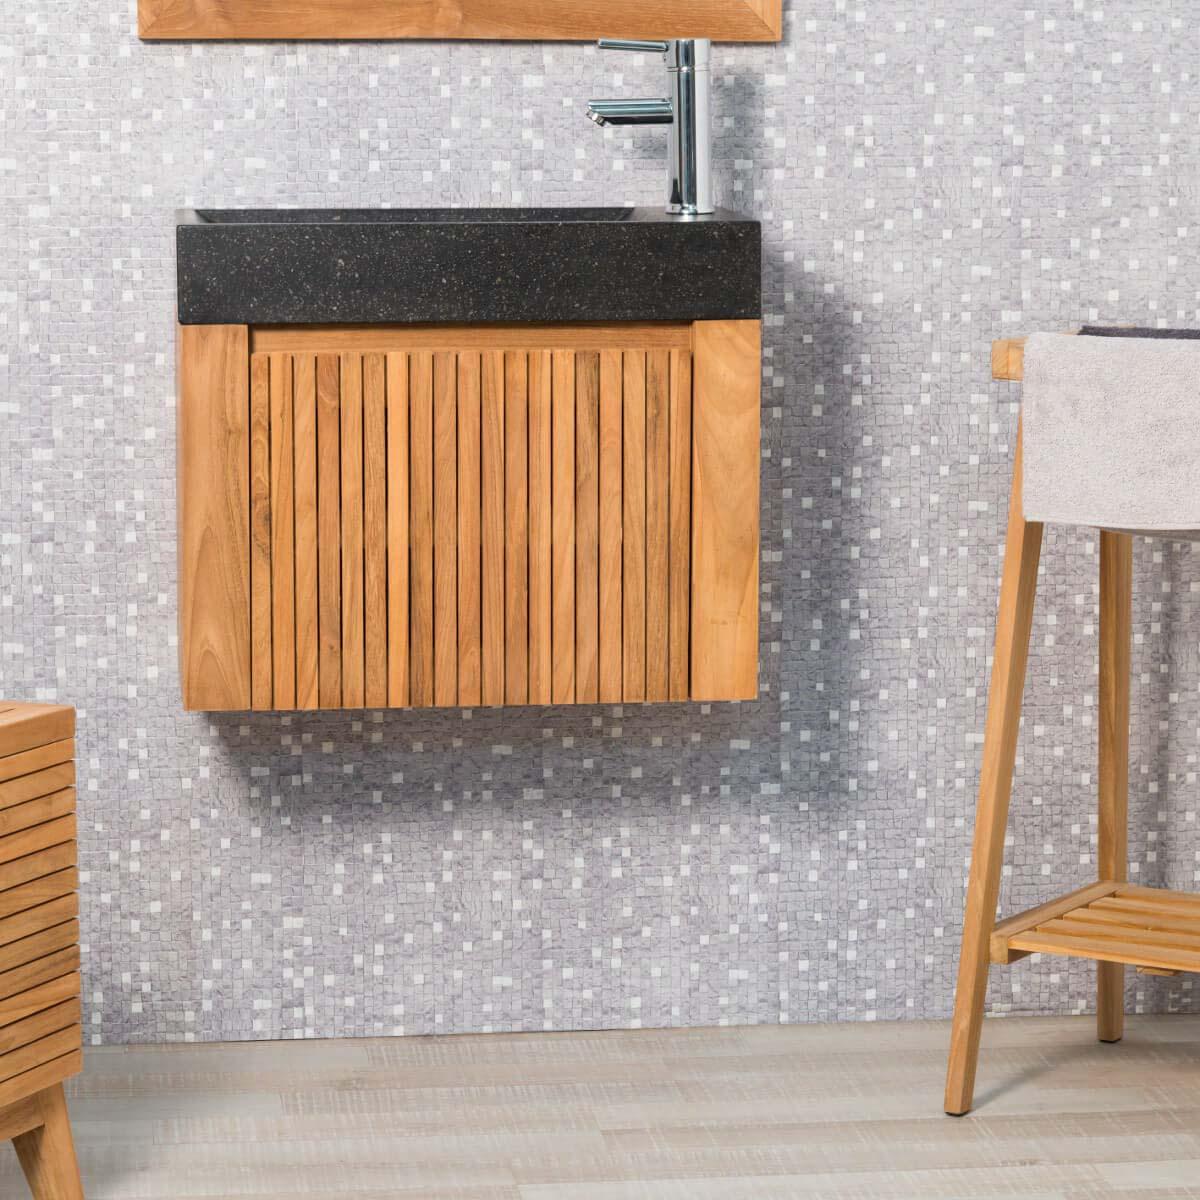 Meuble salle de bain bois pas cher : mobilier salle de bain